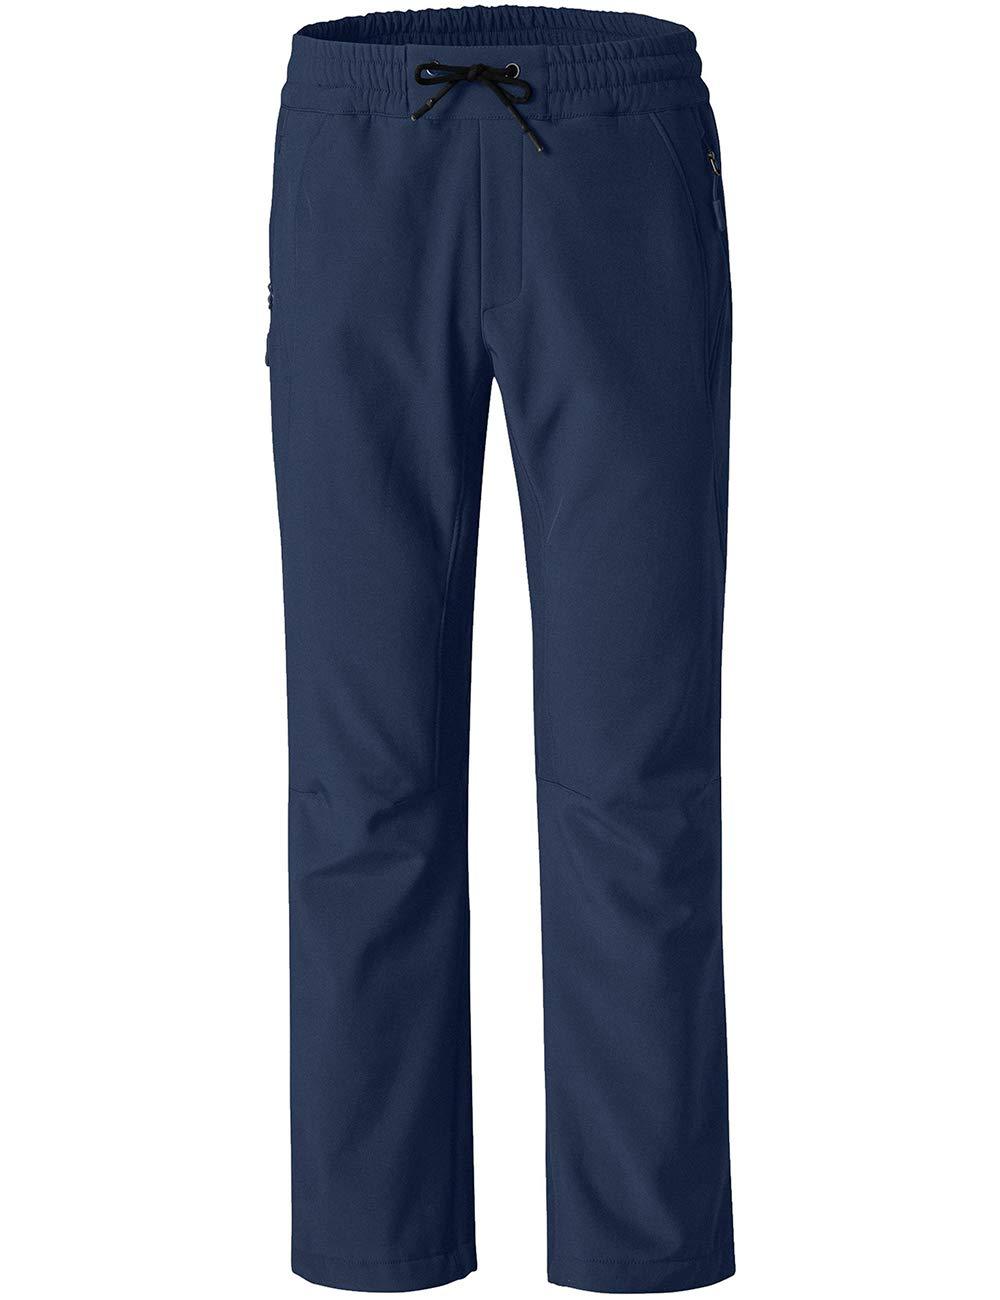 Wantdo Women's Softshell Insulated Pants Ski Fleece Lined Windproof Overalls